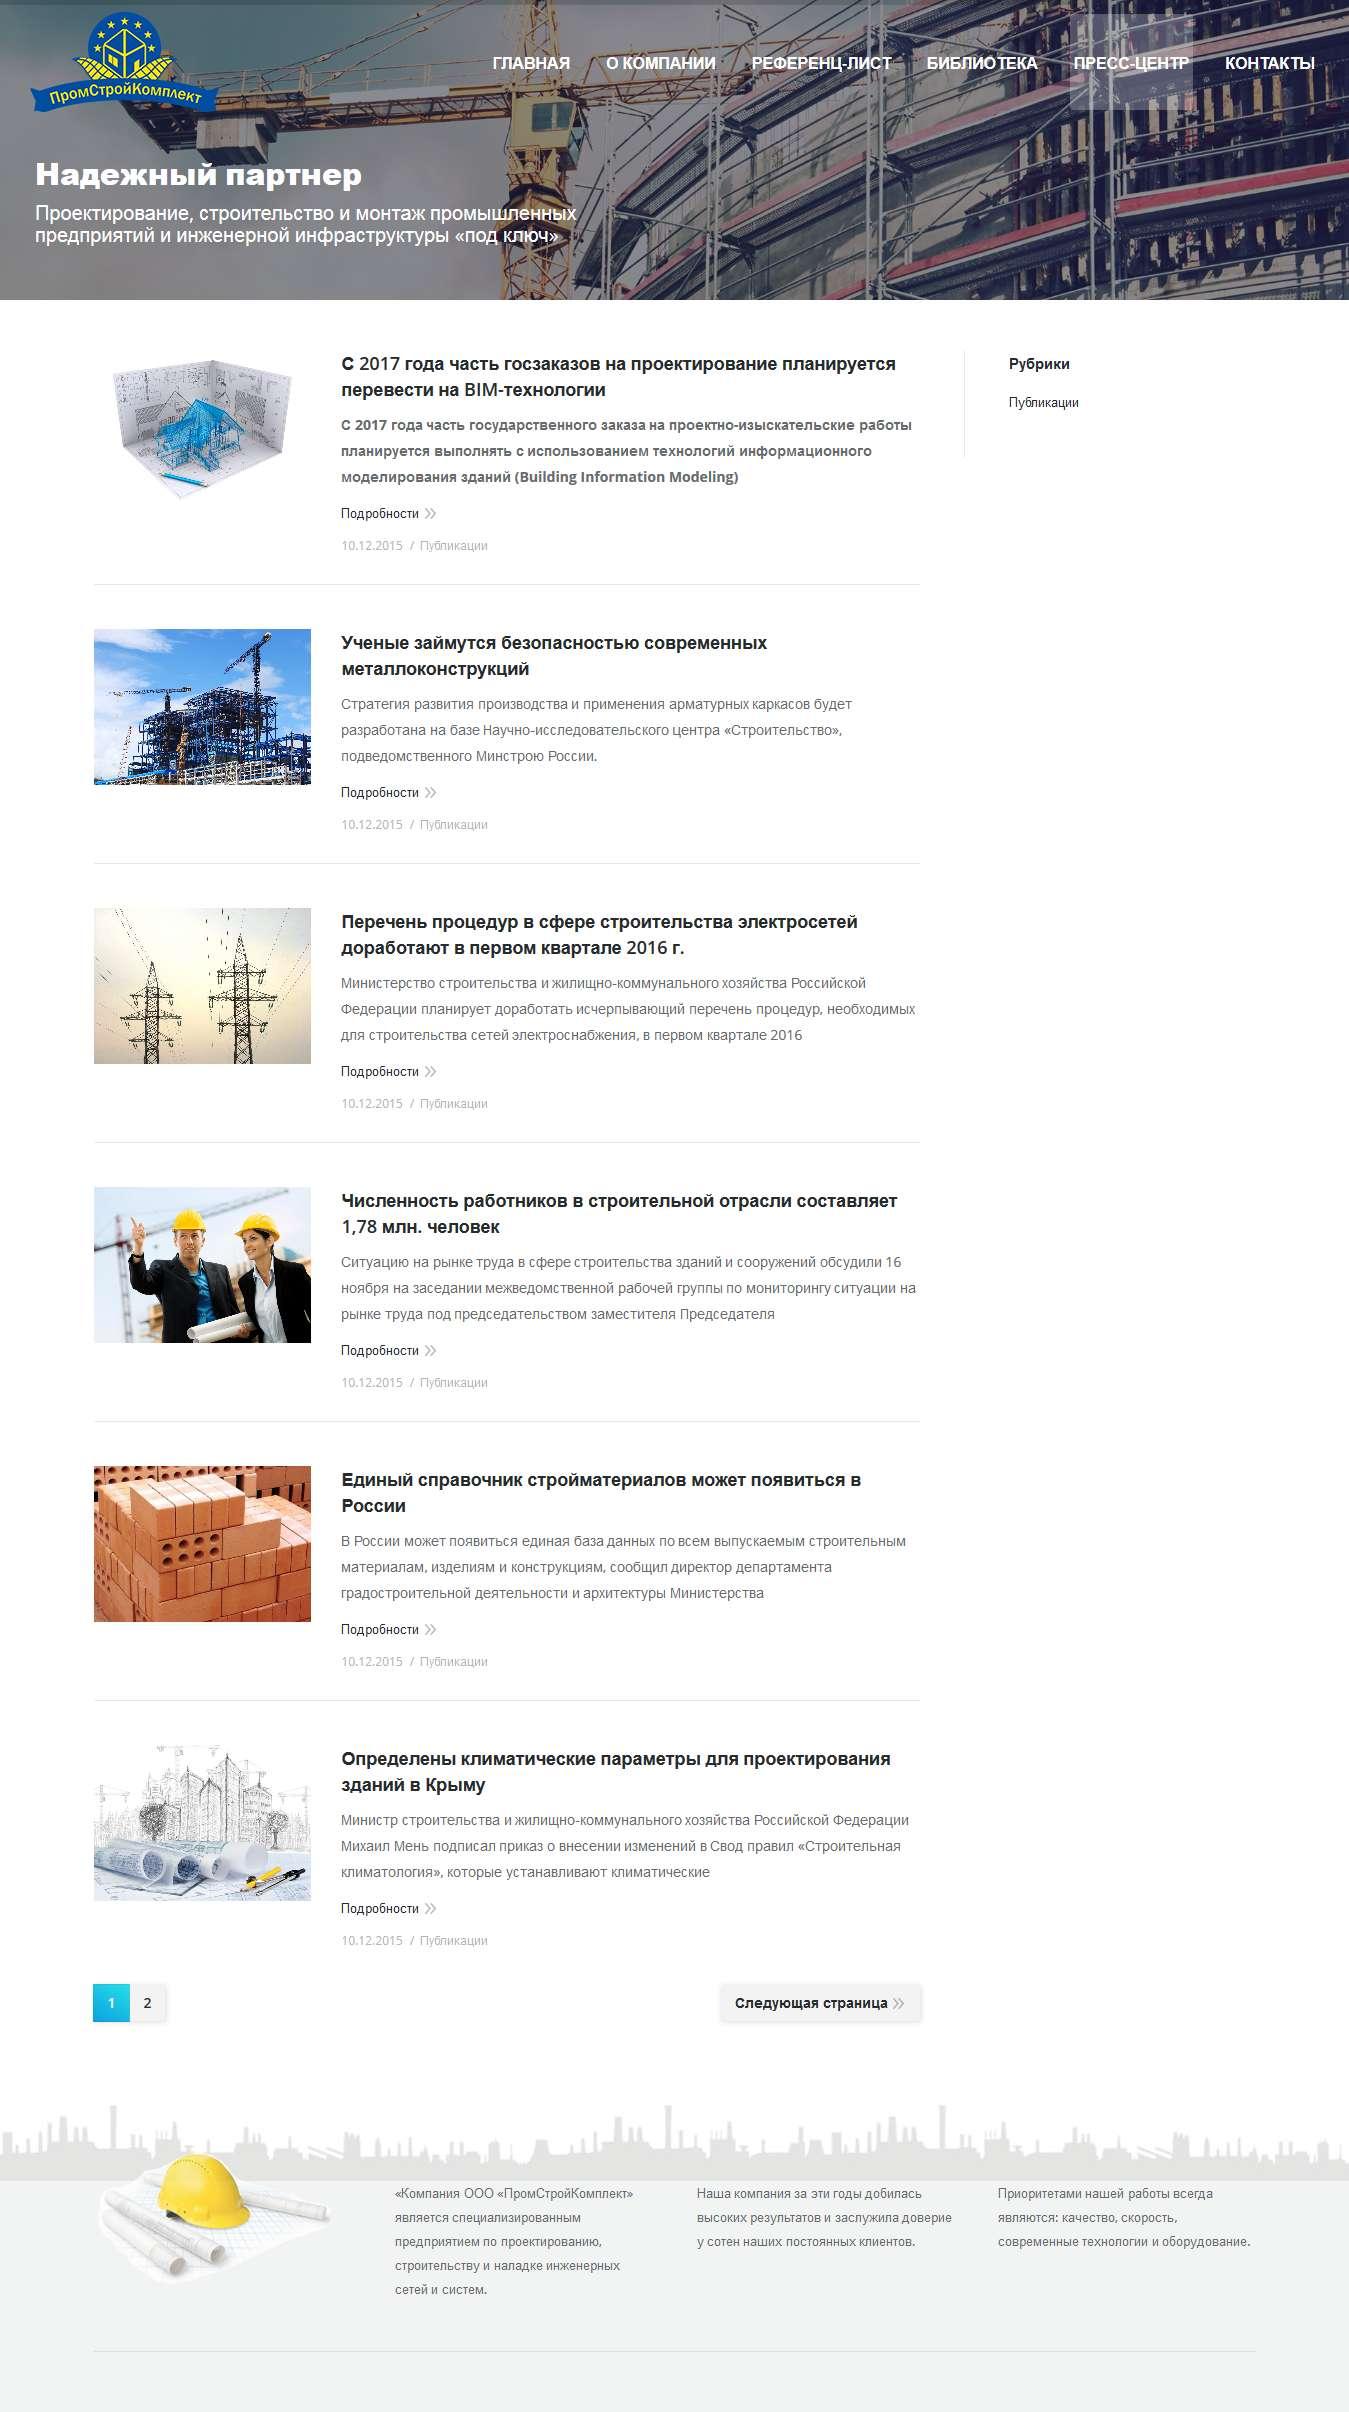 Пример сайта визитки - проектирование и строительство - новости